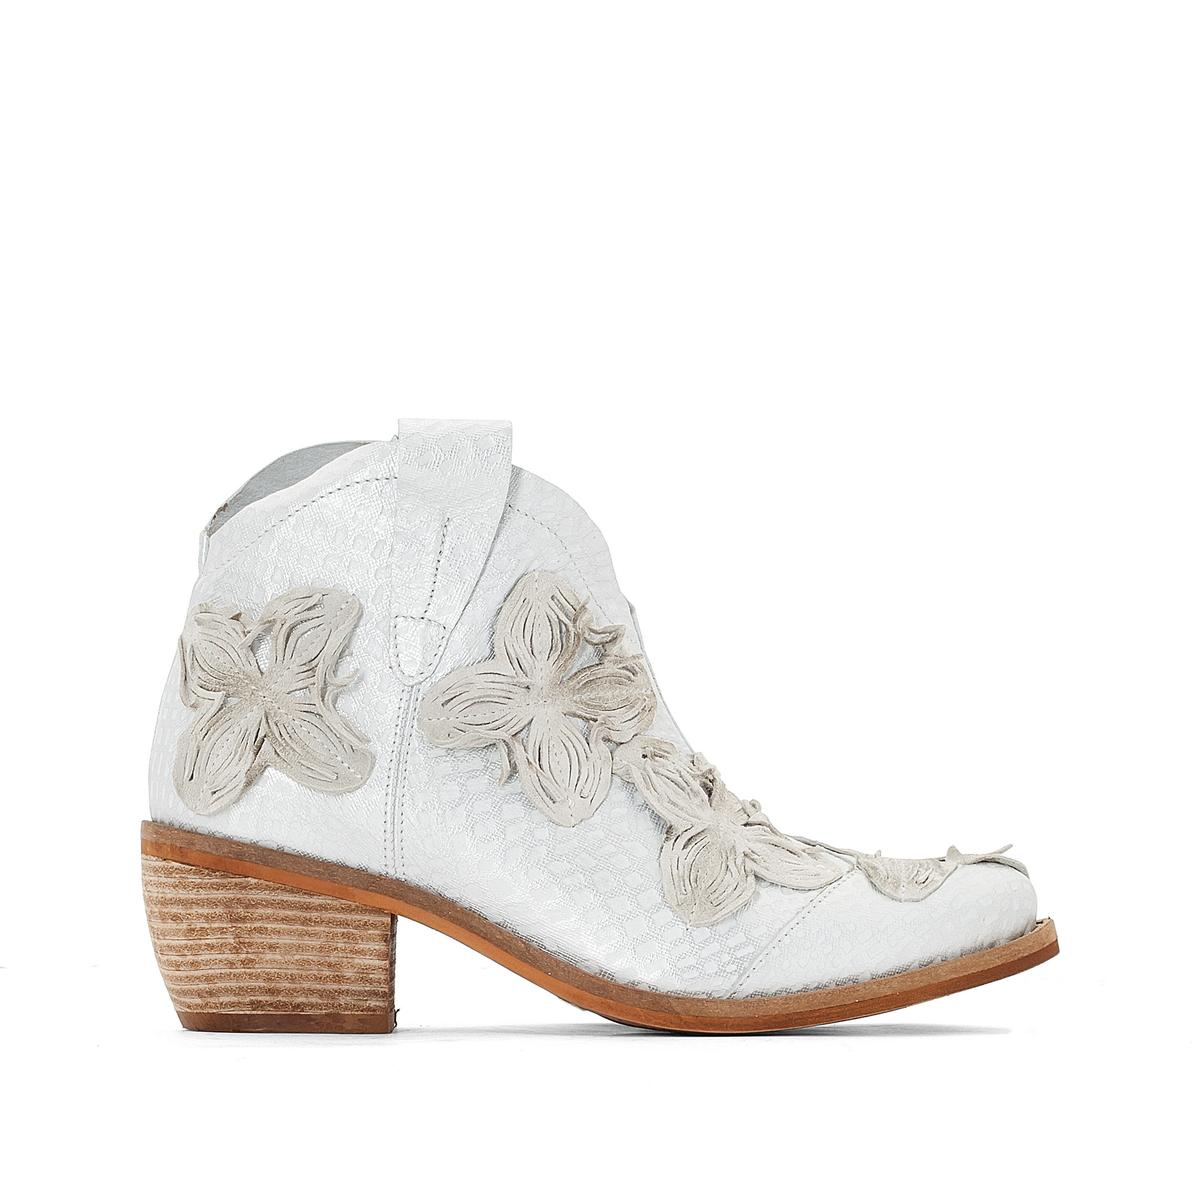 Ботильоны кожаные JoleneВерх : кожа   Подкладка : кожа   Стелька : кожа   Подошва : резина   Высота каблука : 5 см   Форма каблука : квадратный каблук   Мысок : заостренный мысок     Застежка : молния<br><br>Цвет: серебристый<br>Размер: 39.38